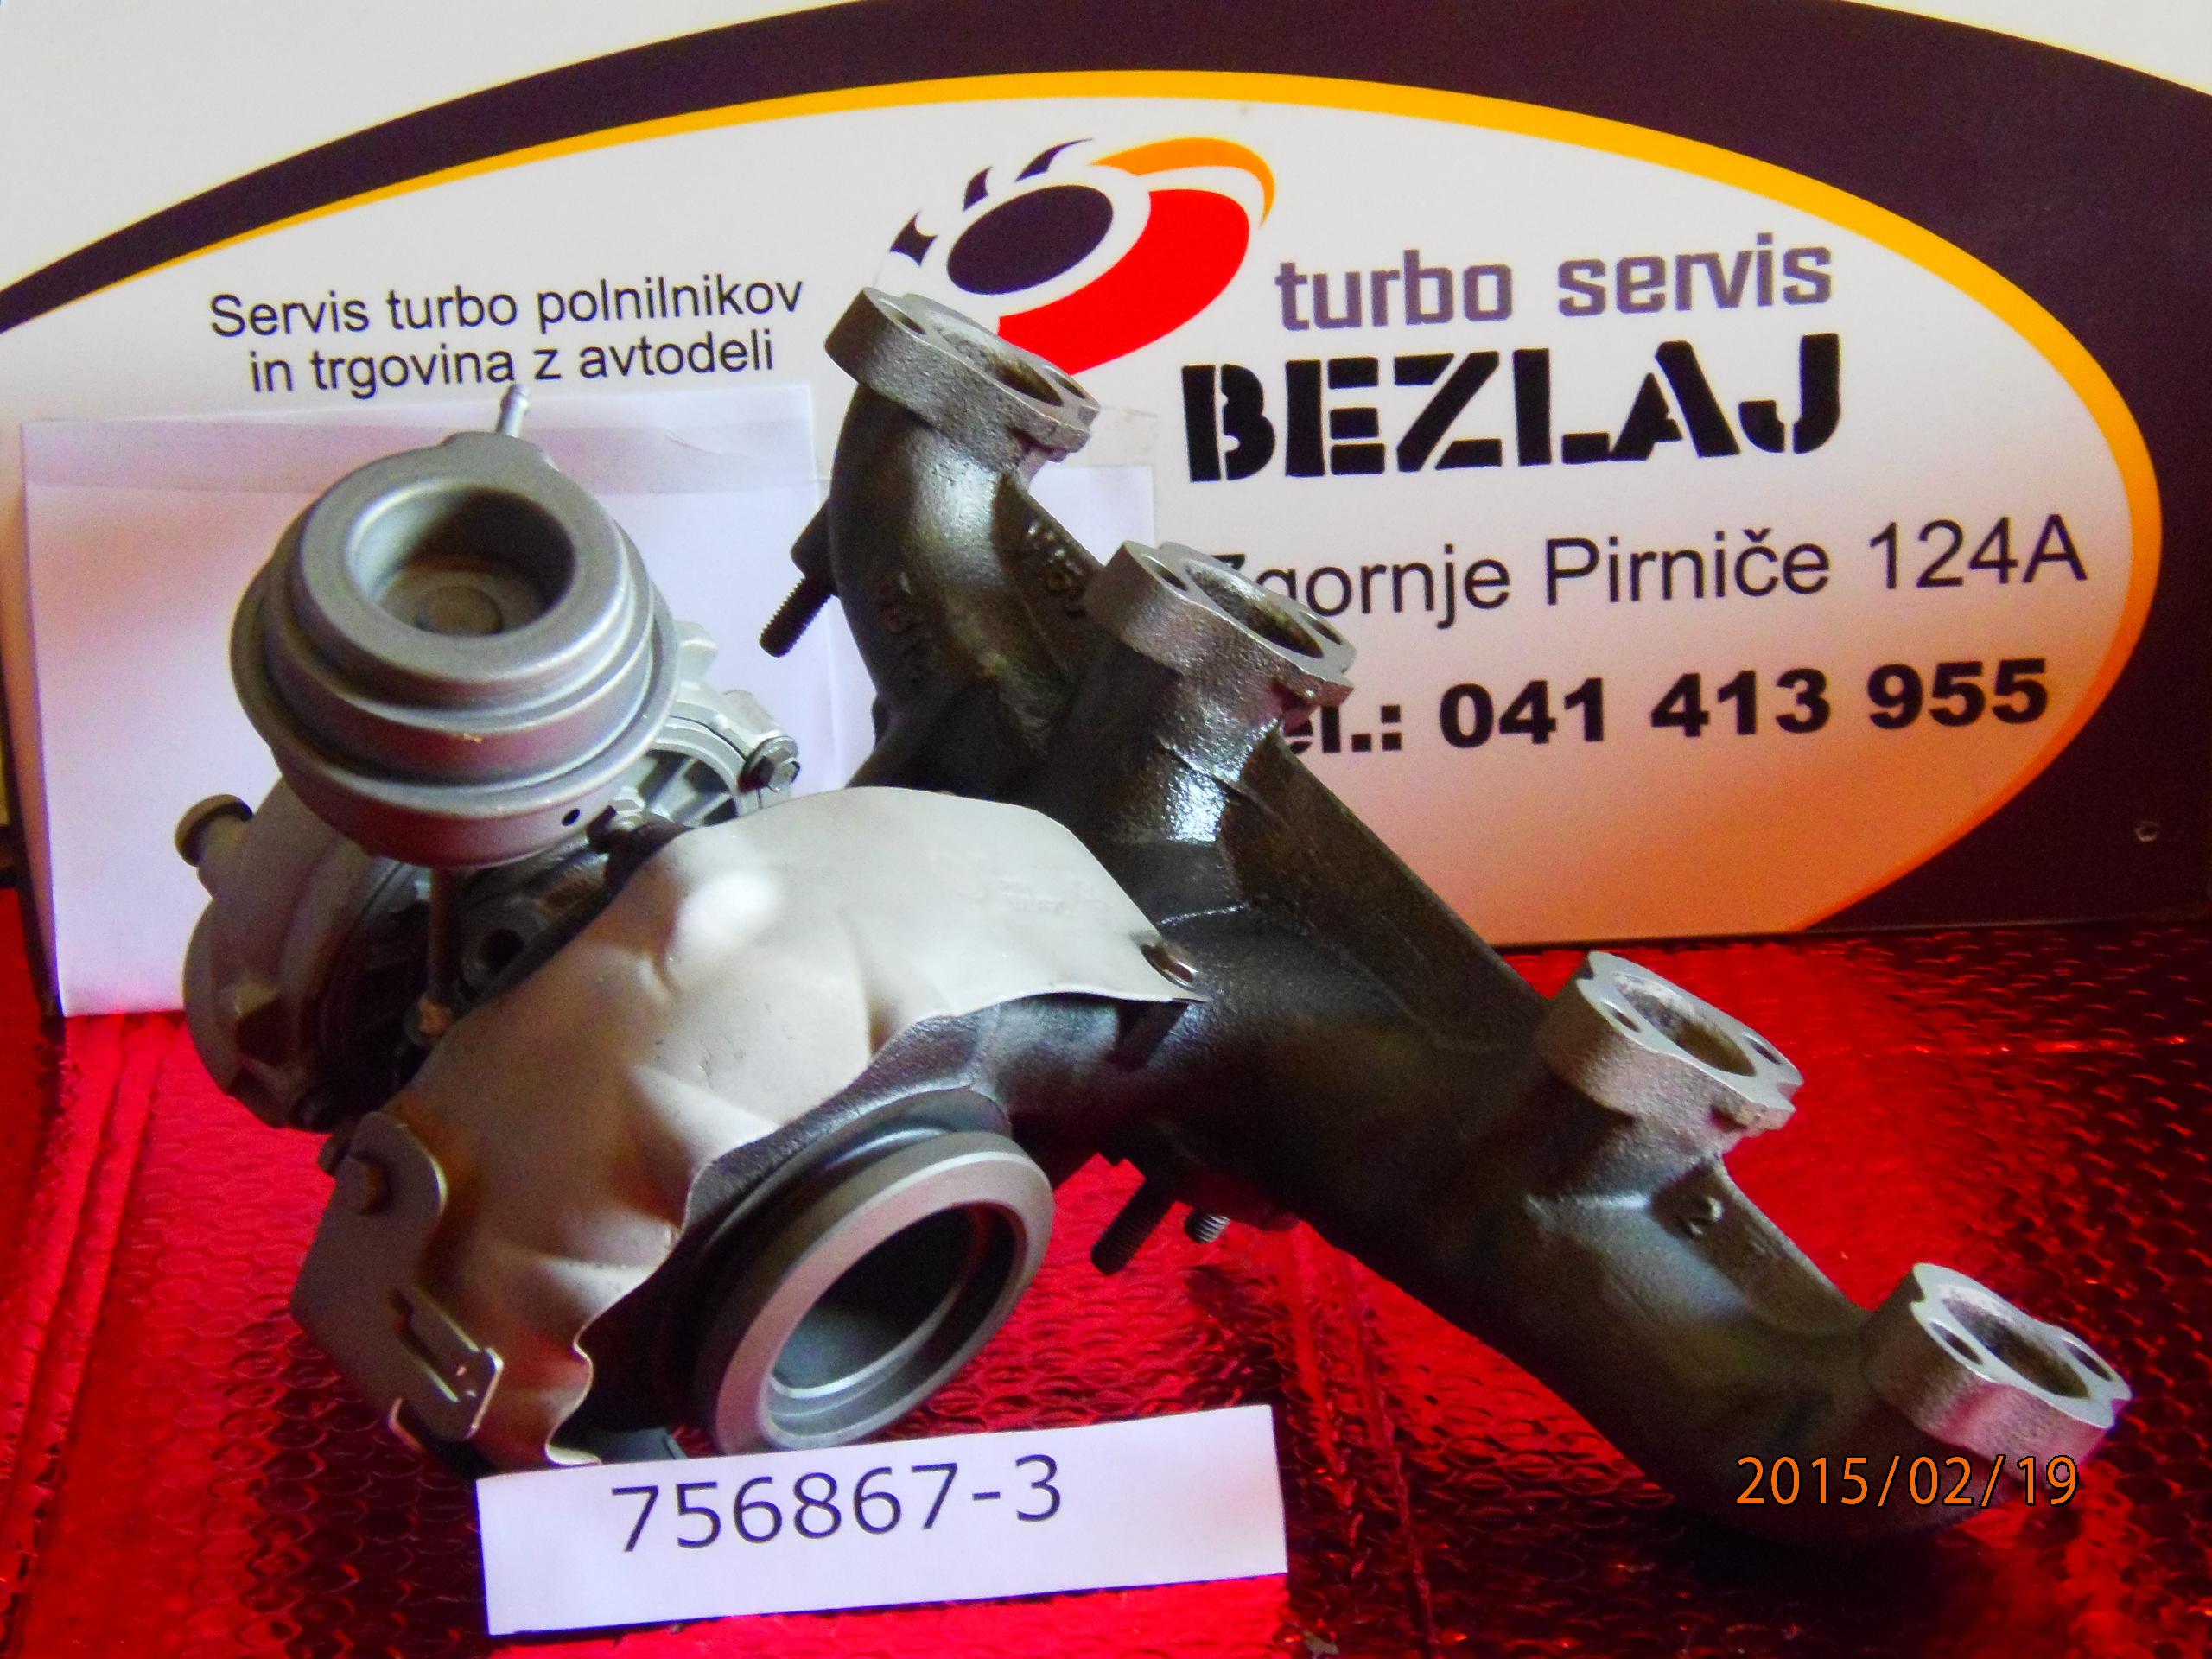 turbo756867-3